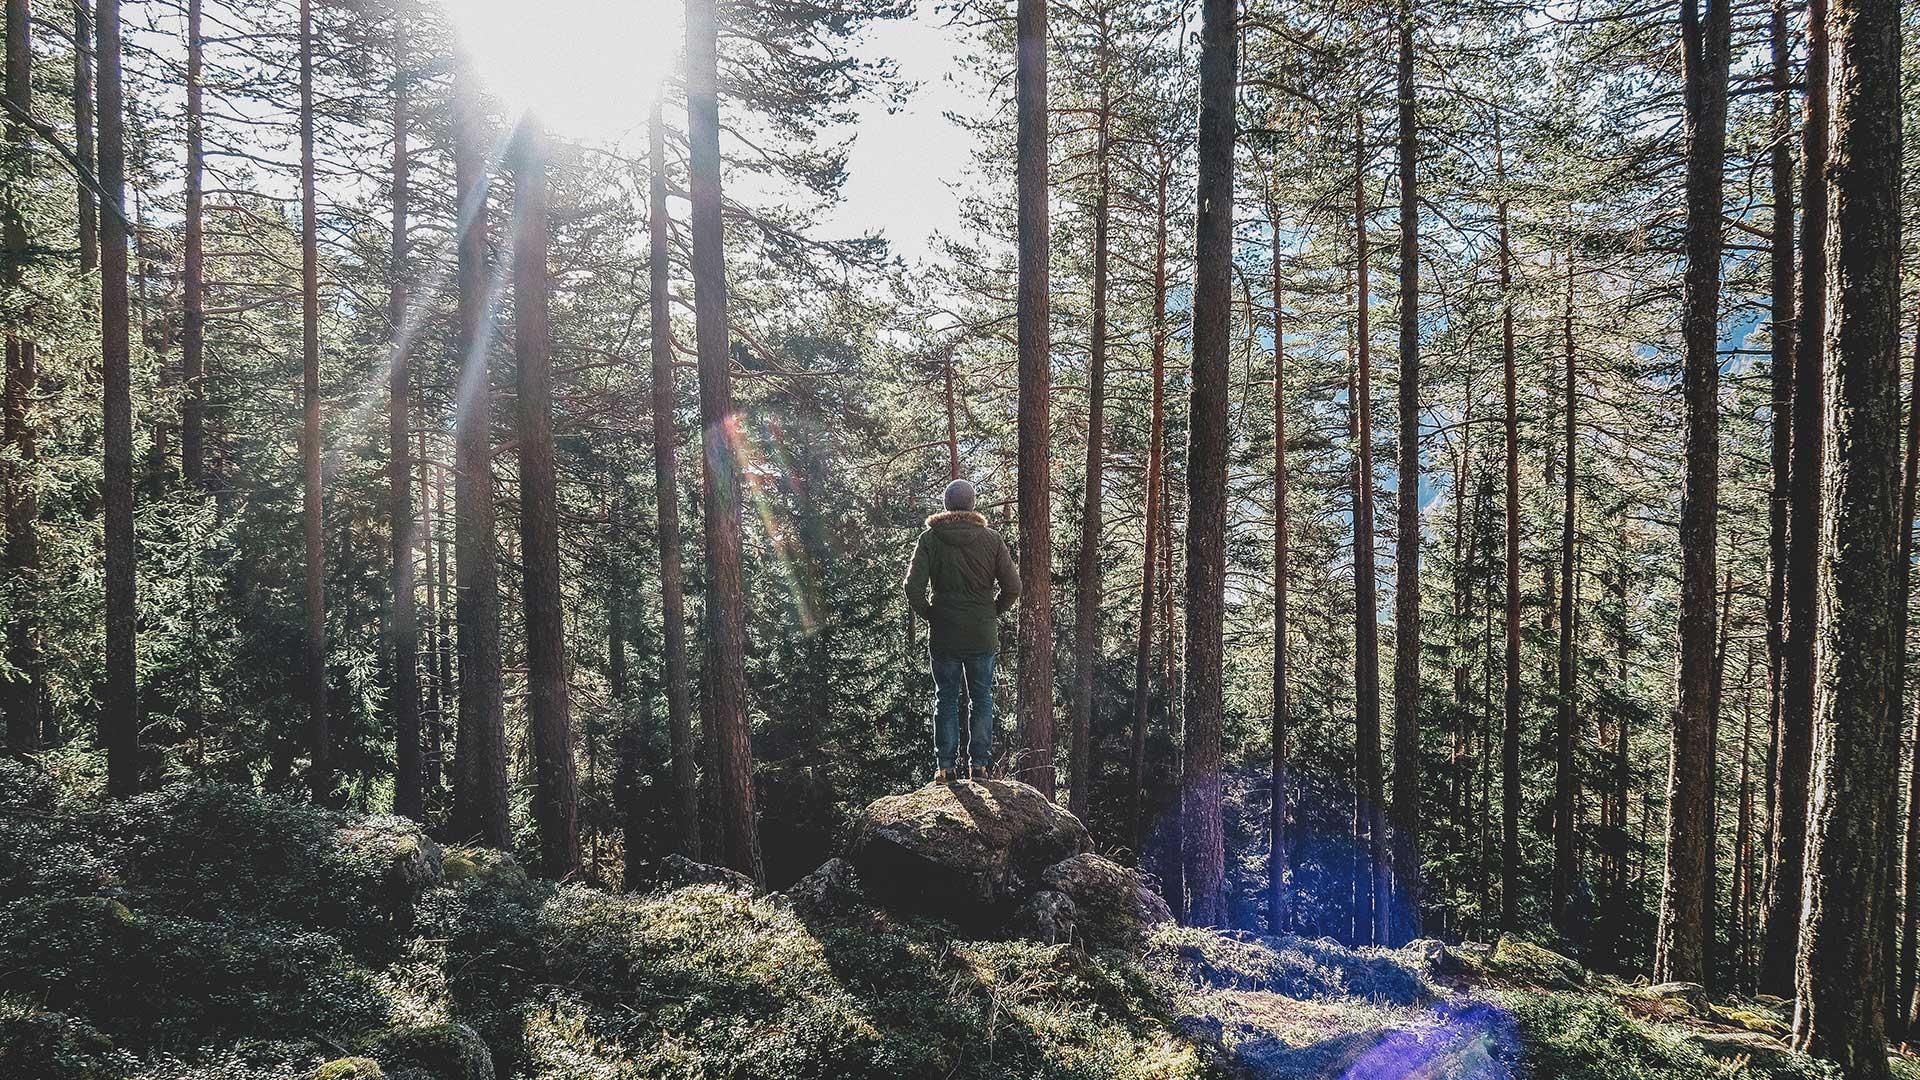 Ein Mann steht auf einem Stein in einem Wald